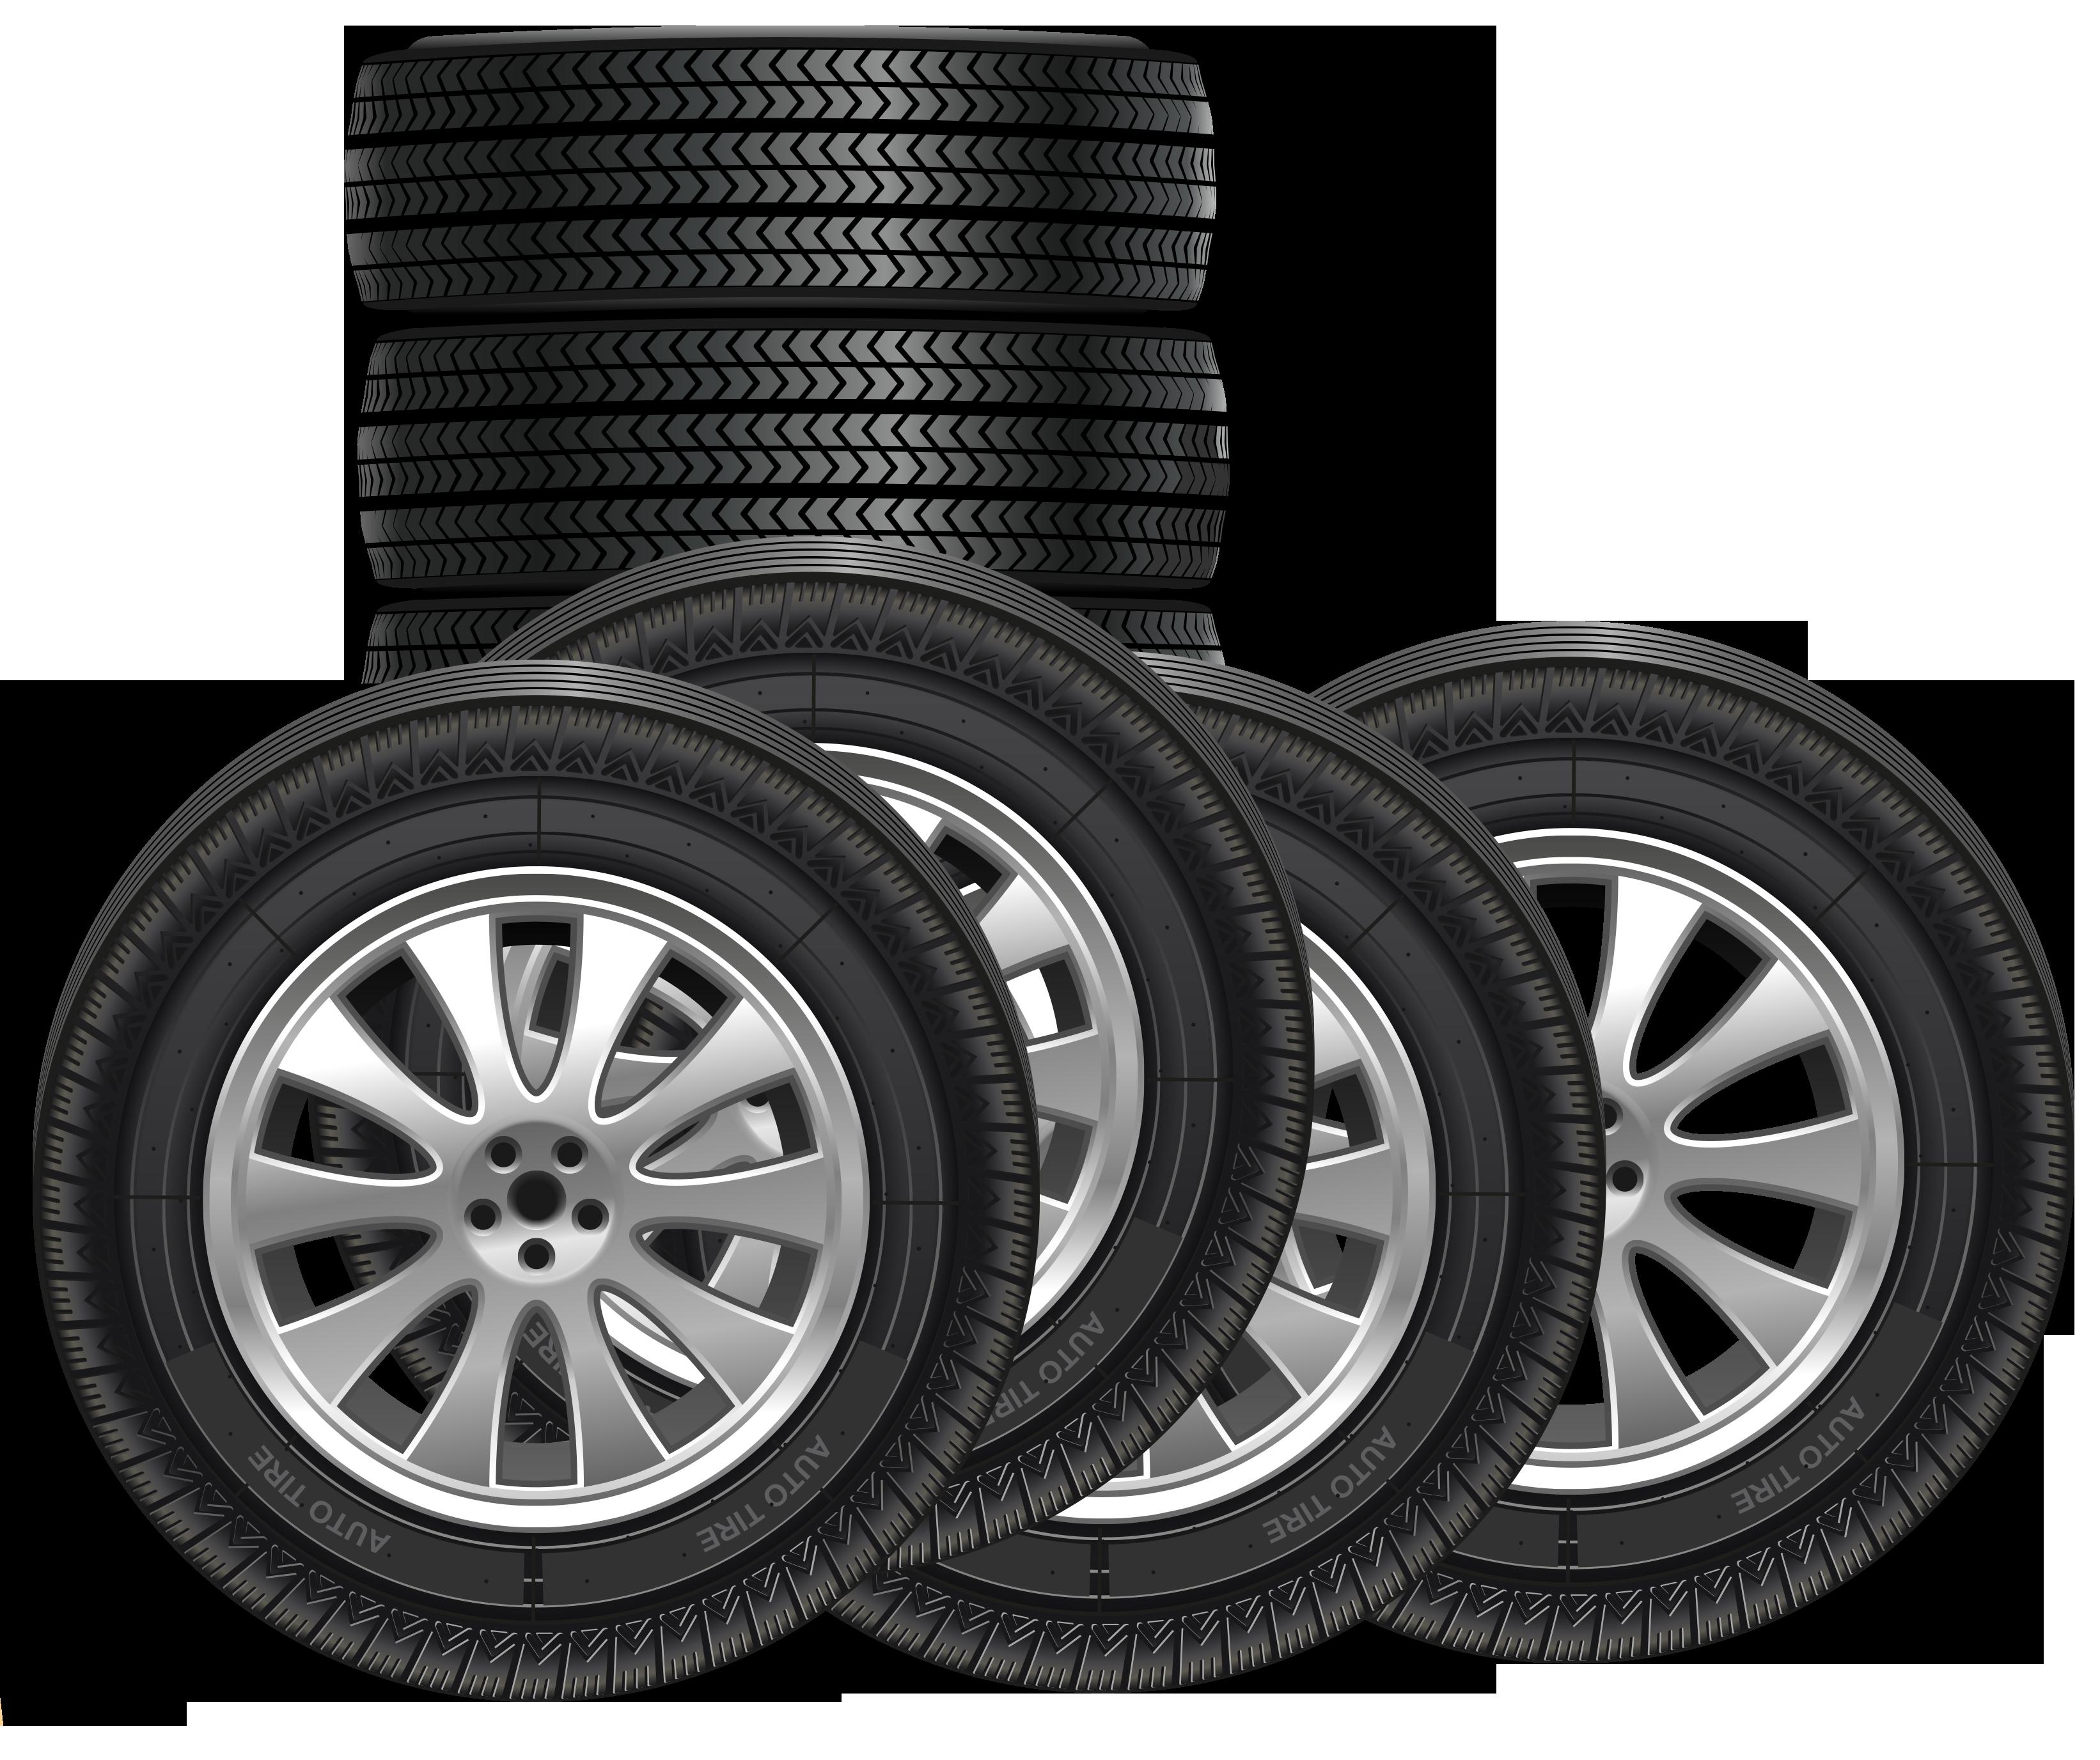 Clipart cars summer. Car tires png clip